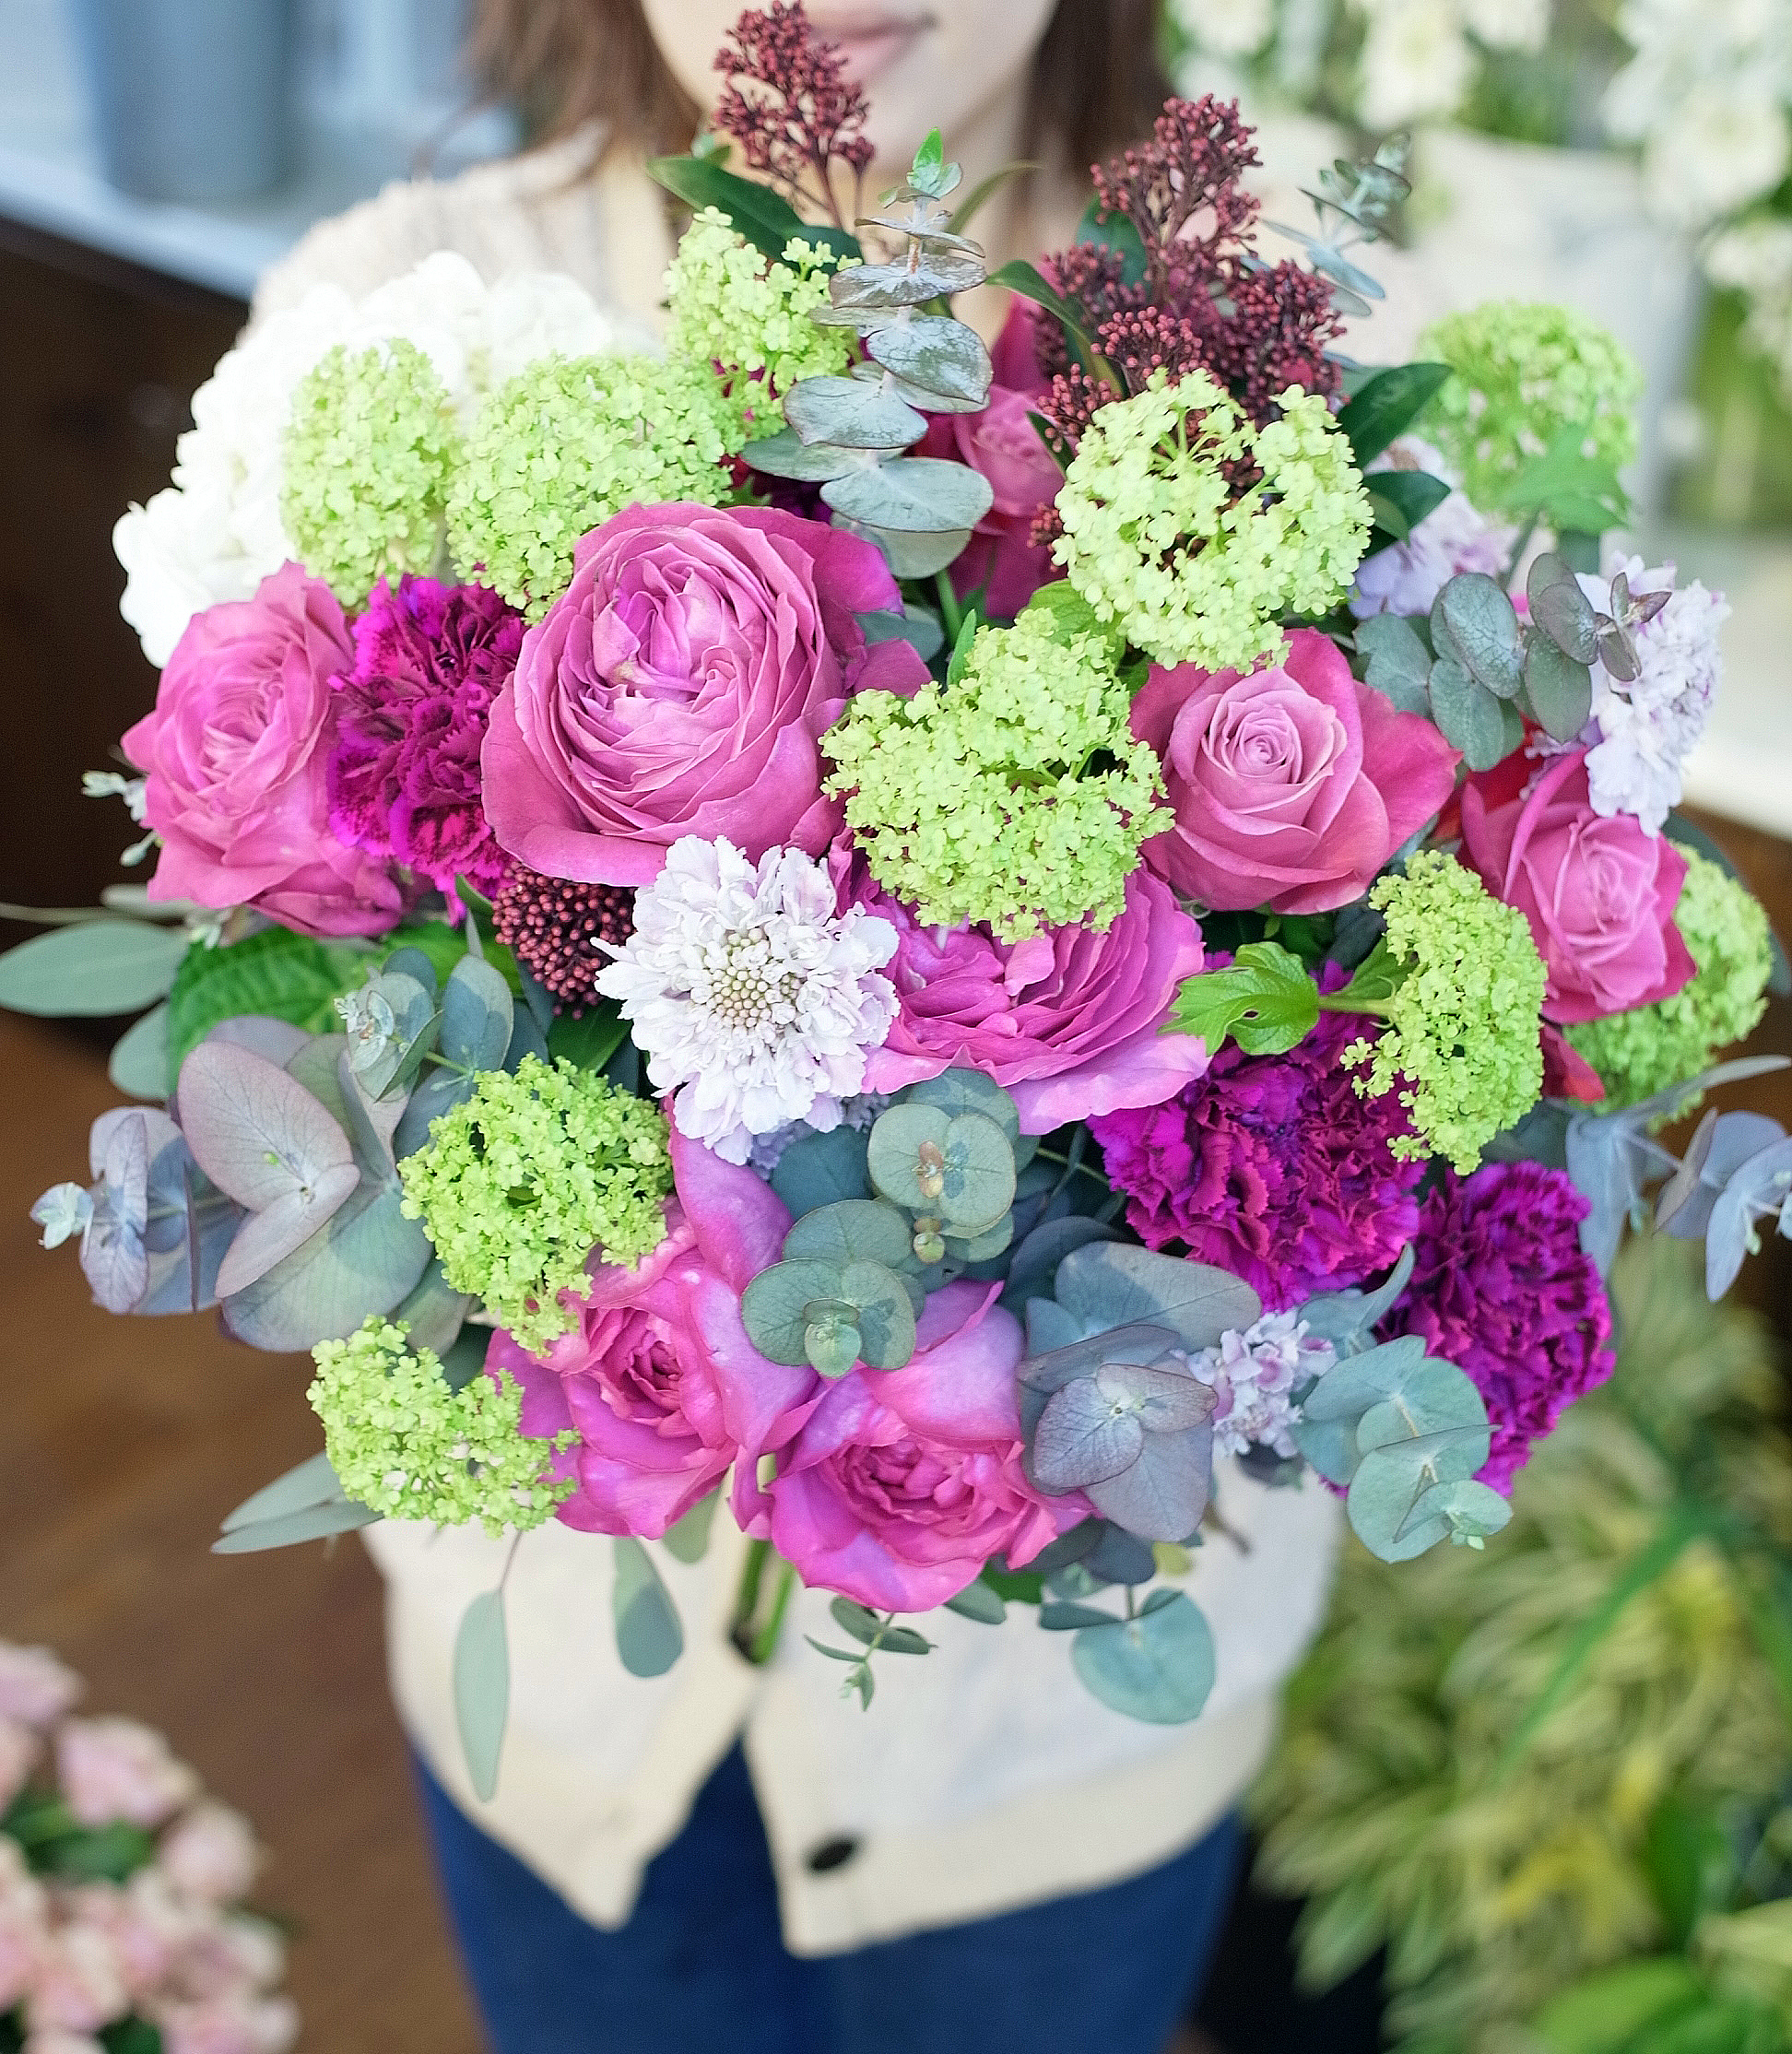 Paris style bouquet